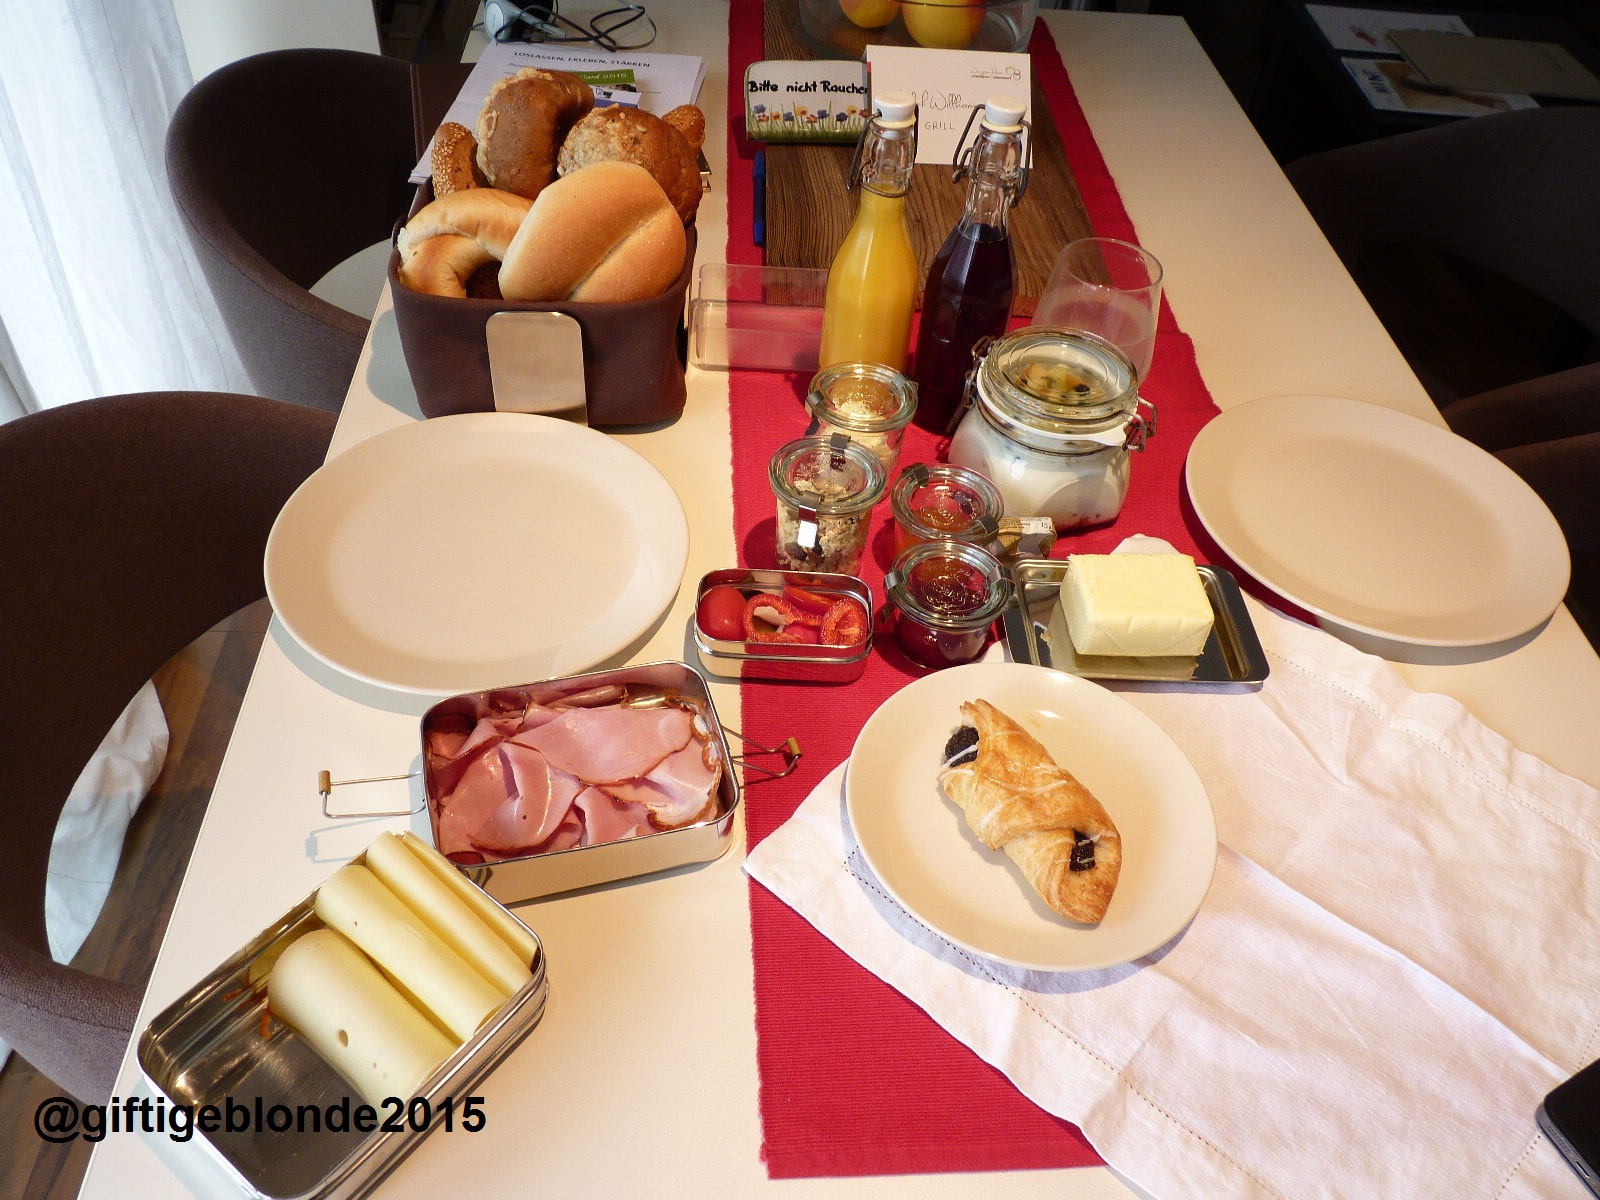 perfektes Frühstück, kommtm ins Haus geliefert